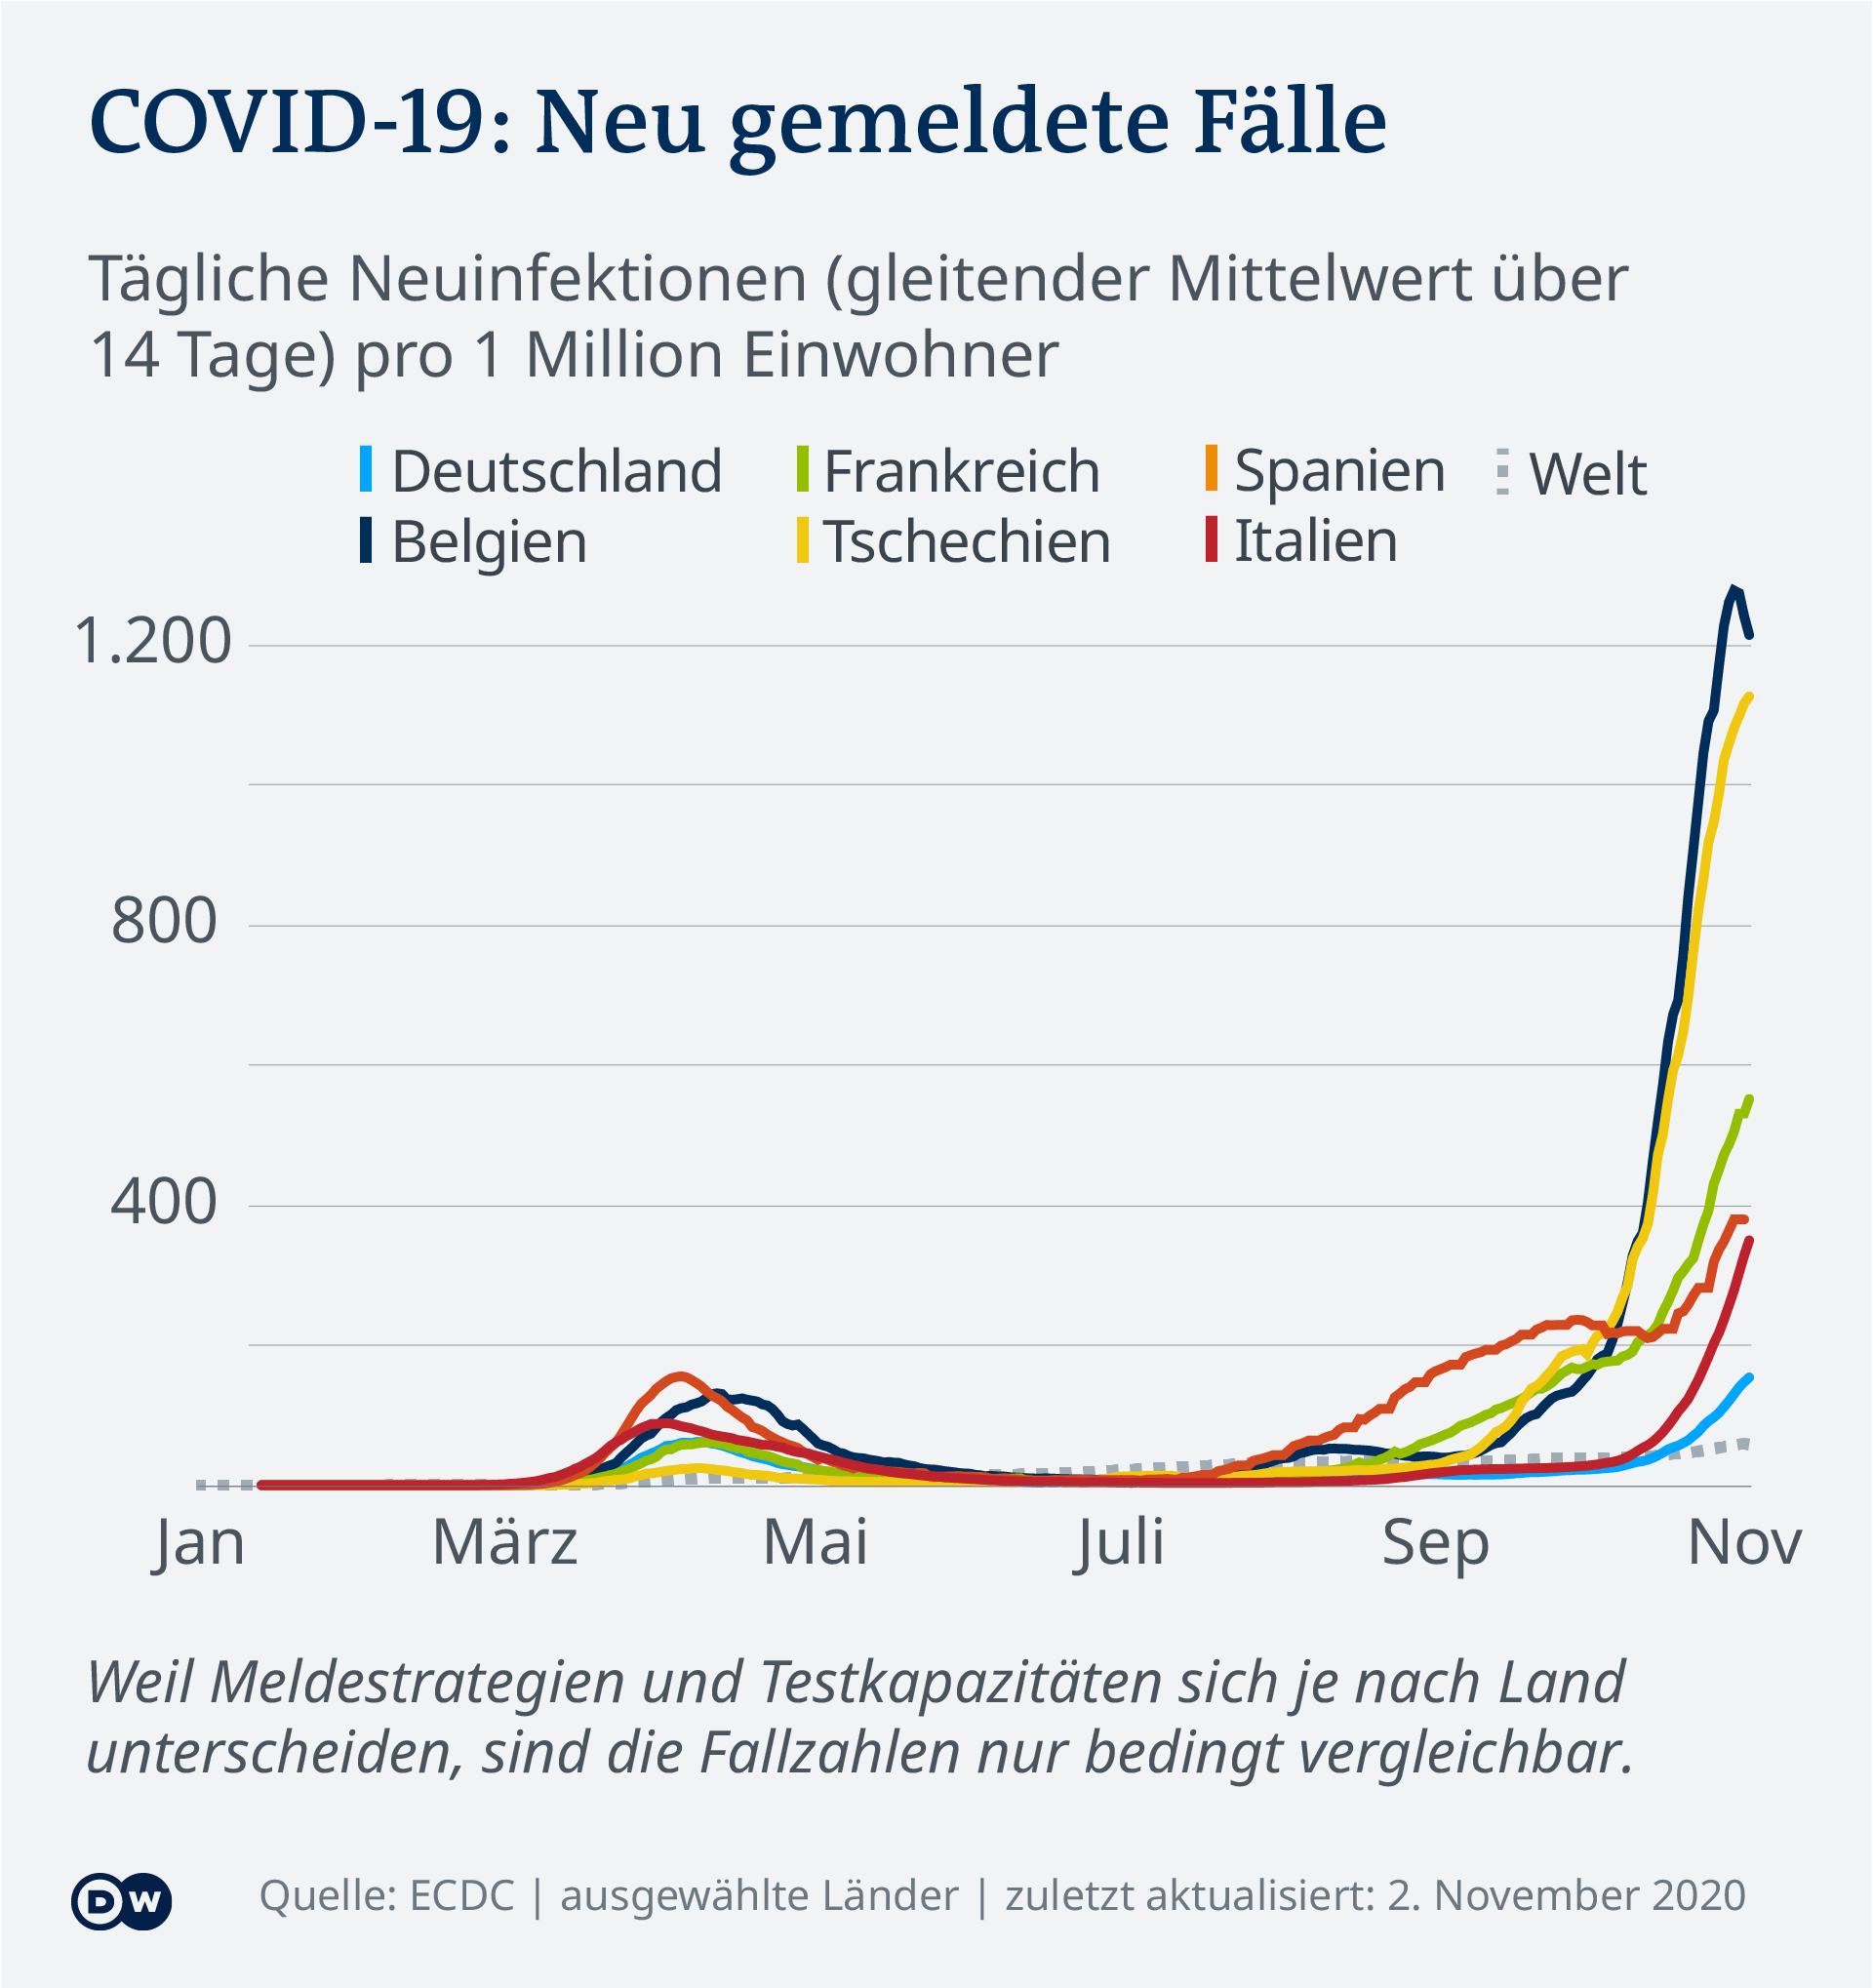 Broj novozaraženih u nekim državama Europe